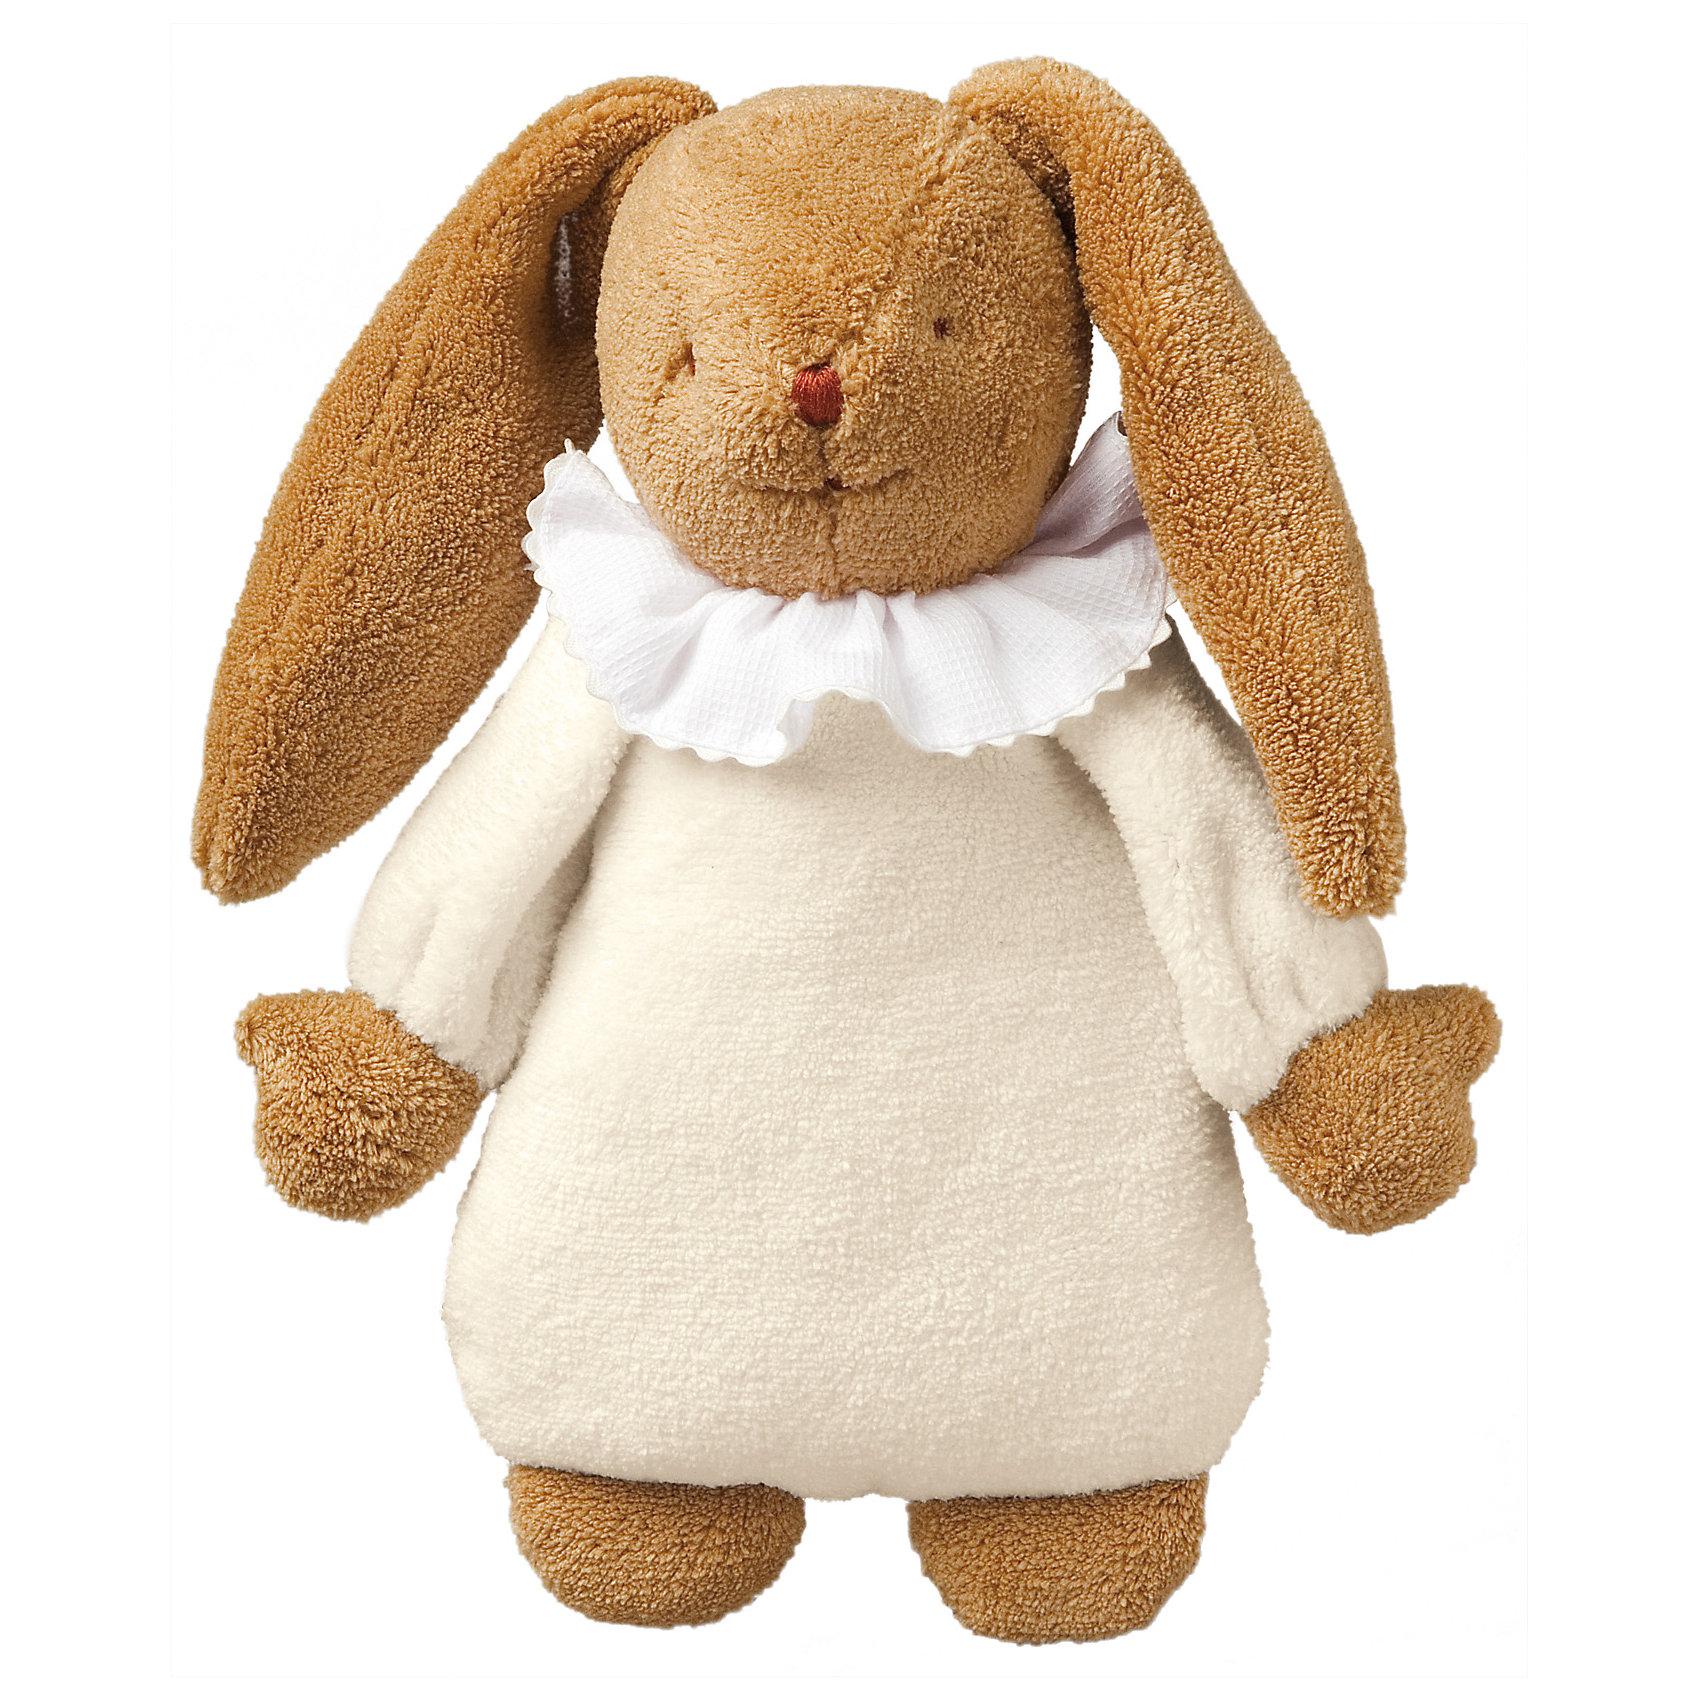 Мягкая игрушка Зайка с музыкой, цвет слоновой кости, 25см&#13;, TrousselierМягкие игрушки<br>Мягкая игрушка Зайка с музыкой, цвет слоновой кости, 25см, Trousselier<br><br>Характеристики:<br><br>• Размер: 25 см<br>• Материал: текстиль, полиэстер, хлопок<br>• Возраст: от 0 месяцев<br><br>Веселый зайчик в платье станет другом для вашего малыша. Натуральный материал не вызывает аллергию и полностью безопасен для нежной кожи. Малыш сможет спать с зайкой, с первых дней своей жизни. А если малышу трудно будет уснуть, зайка споет ему нежную песенку.<br><br>Мягкая игрушка Зайка с музыкой, цвет слоновой кости, 25см, Trousselier можно купить в нашем интернет-магазине.<br><br>Ширина мм: 190<br>Глубина мм: 190<br>Высота мм: 90<br>Вес г: 330<br>Возраст от месяцев: -2147483648<br>Возраст до месяцев: 2147483647<br>Пол: Унисекс<br>Возраст: Детский<br>SKU: 4964816